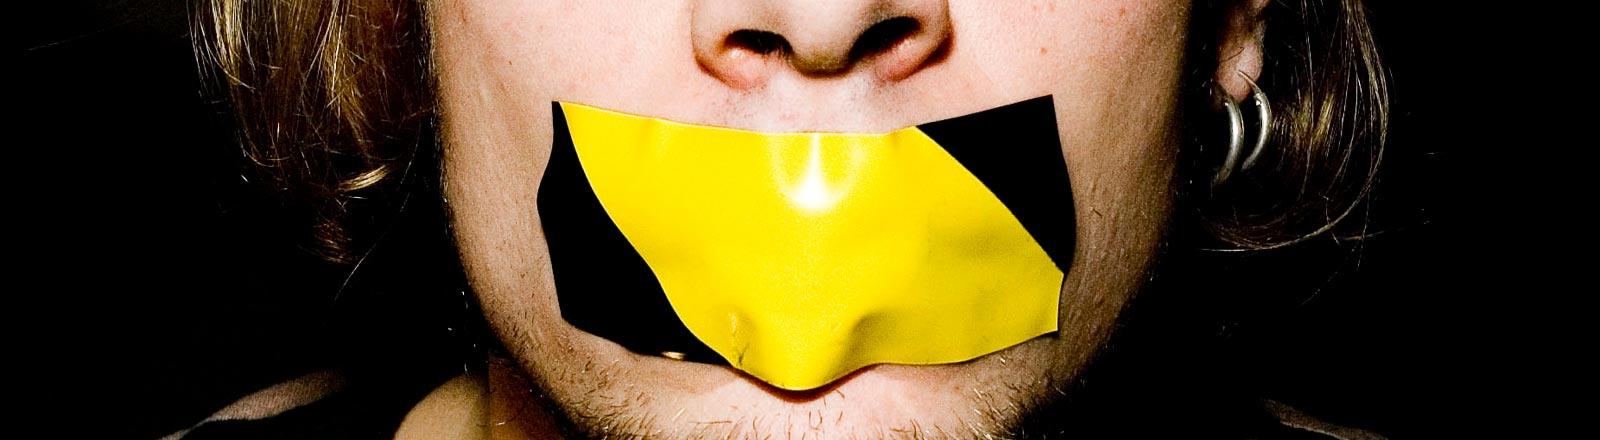 Ein Mann hat den Mund mit Klebeband zugeklebt bekommen.